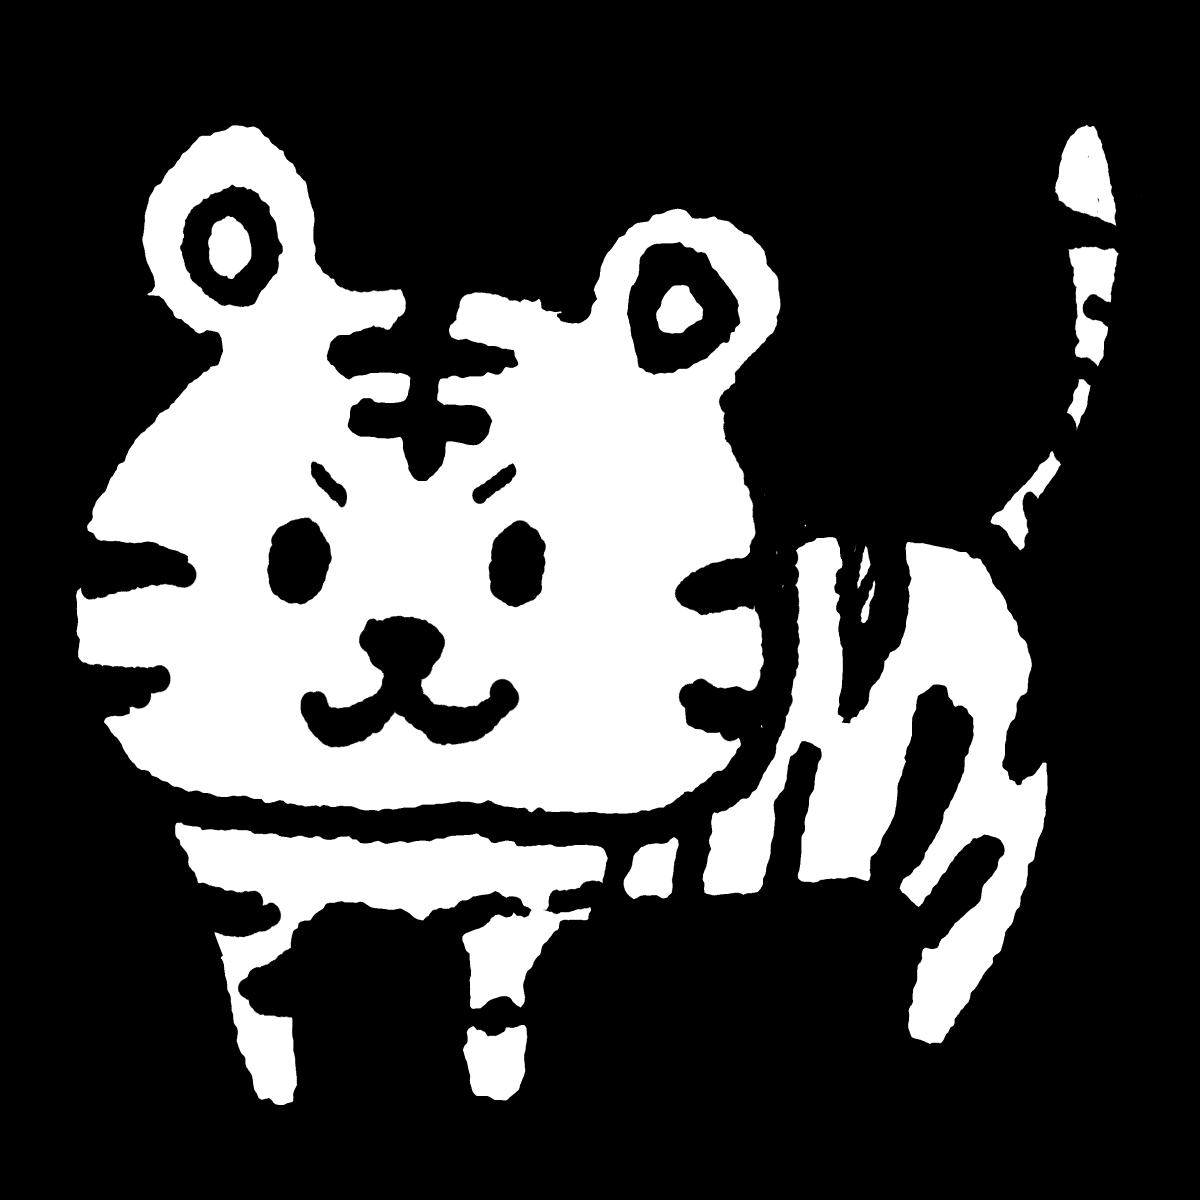 立つトラ がおーぼくかっこいいでしょ立っているピュアな虎です Cute Art Illustration Monochrome イラスト 手描きイラスト ゆるい かわいい 素材 イラスト 手描きイラスト 刺繍 図案